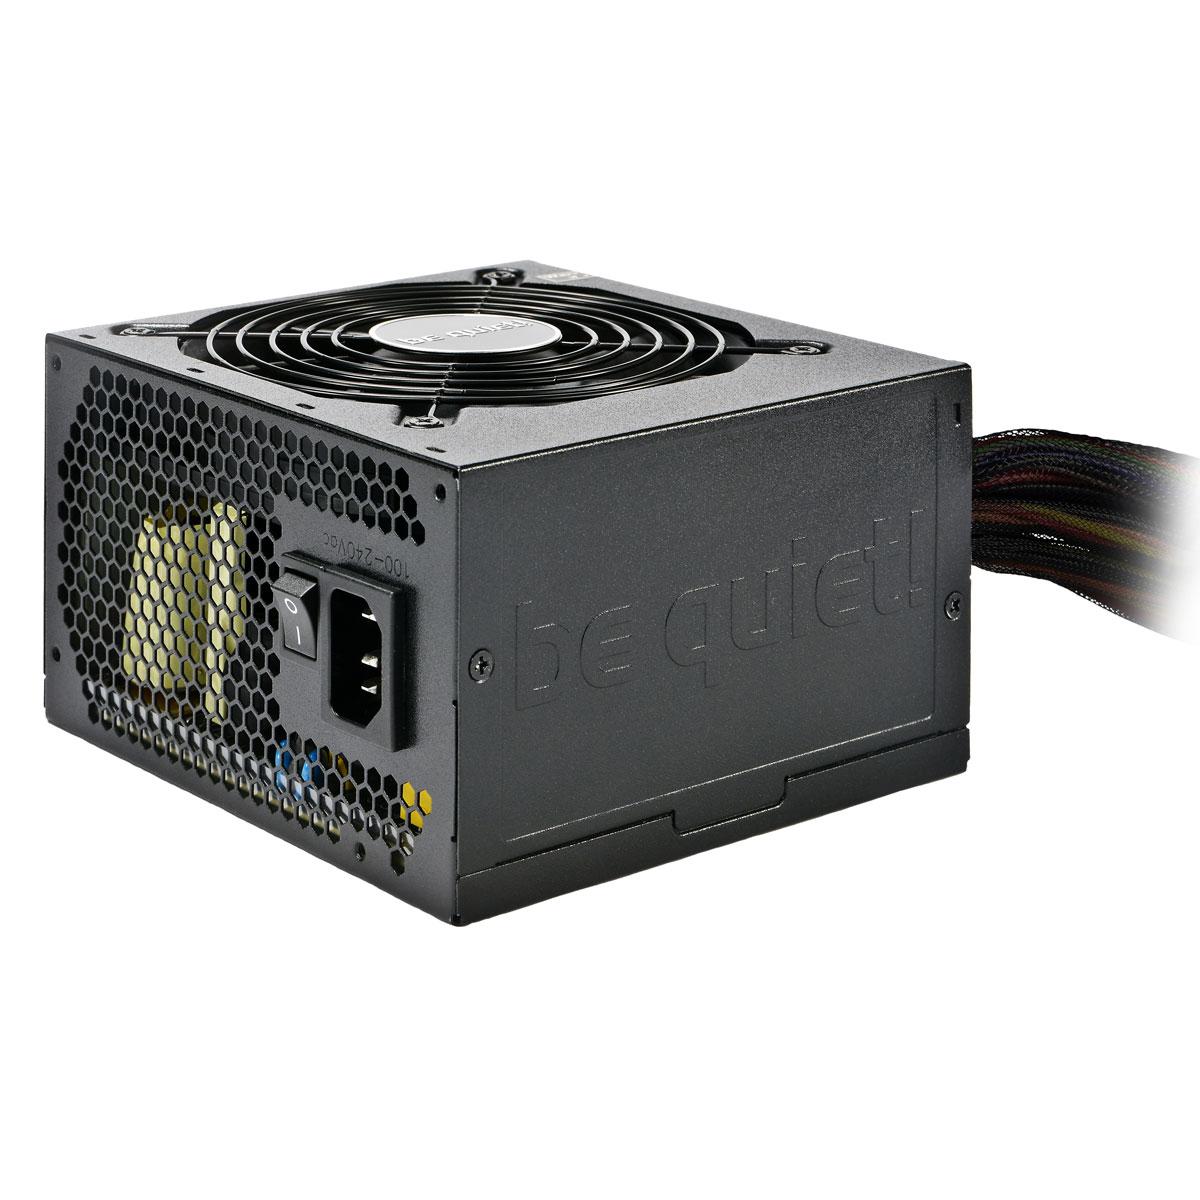 Alimentation PC be quiet! System Power 7 600 W 80PLUS Silver (bulk) Alimentation 600W ATX 12V 2.3 EPS 12V V2.92 (Garantie 3 ans constructeur) - 80PLUS Silver